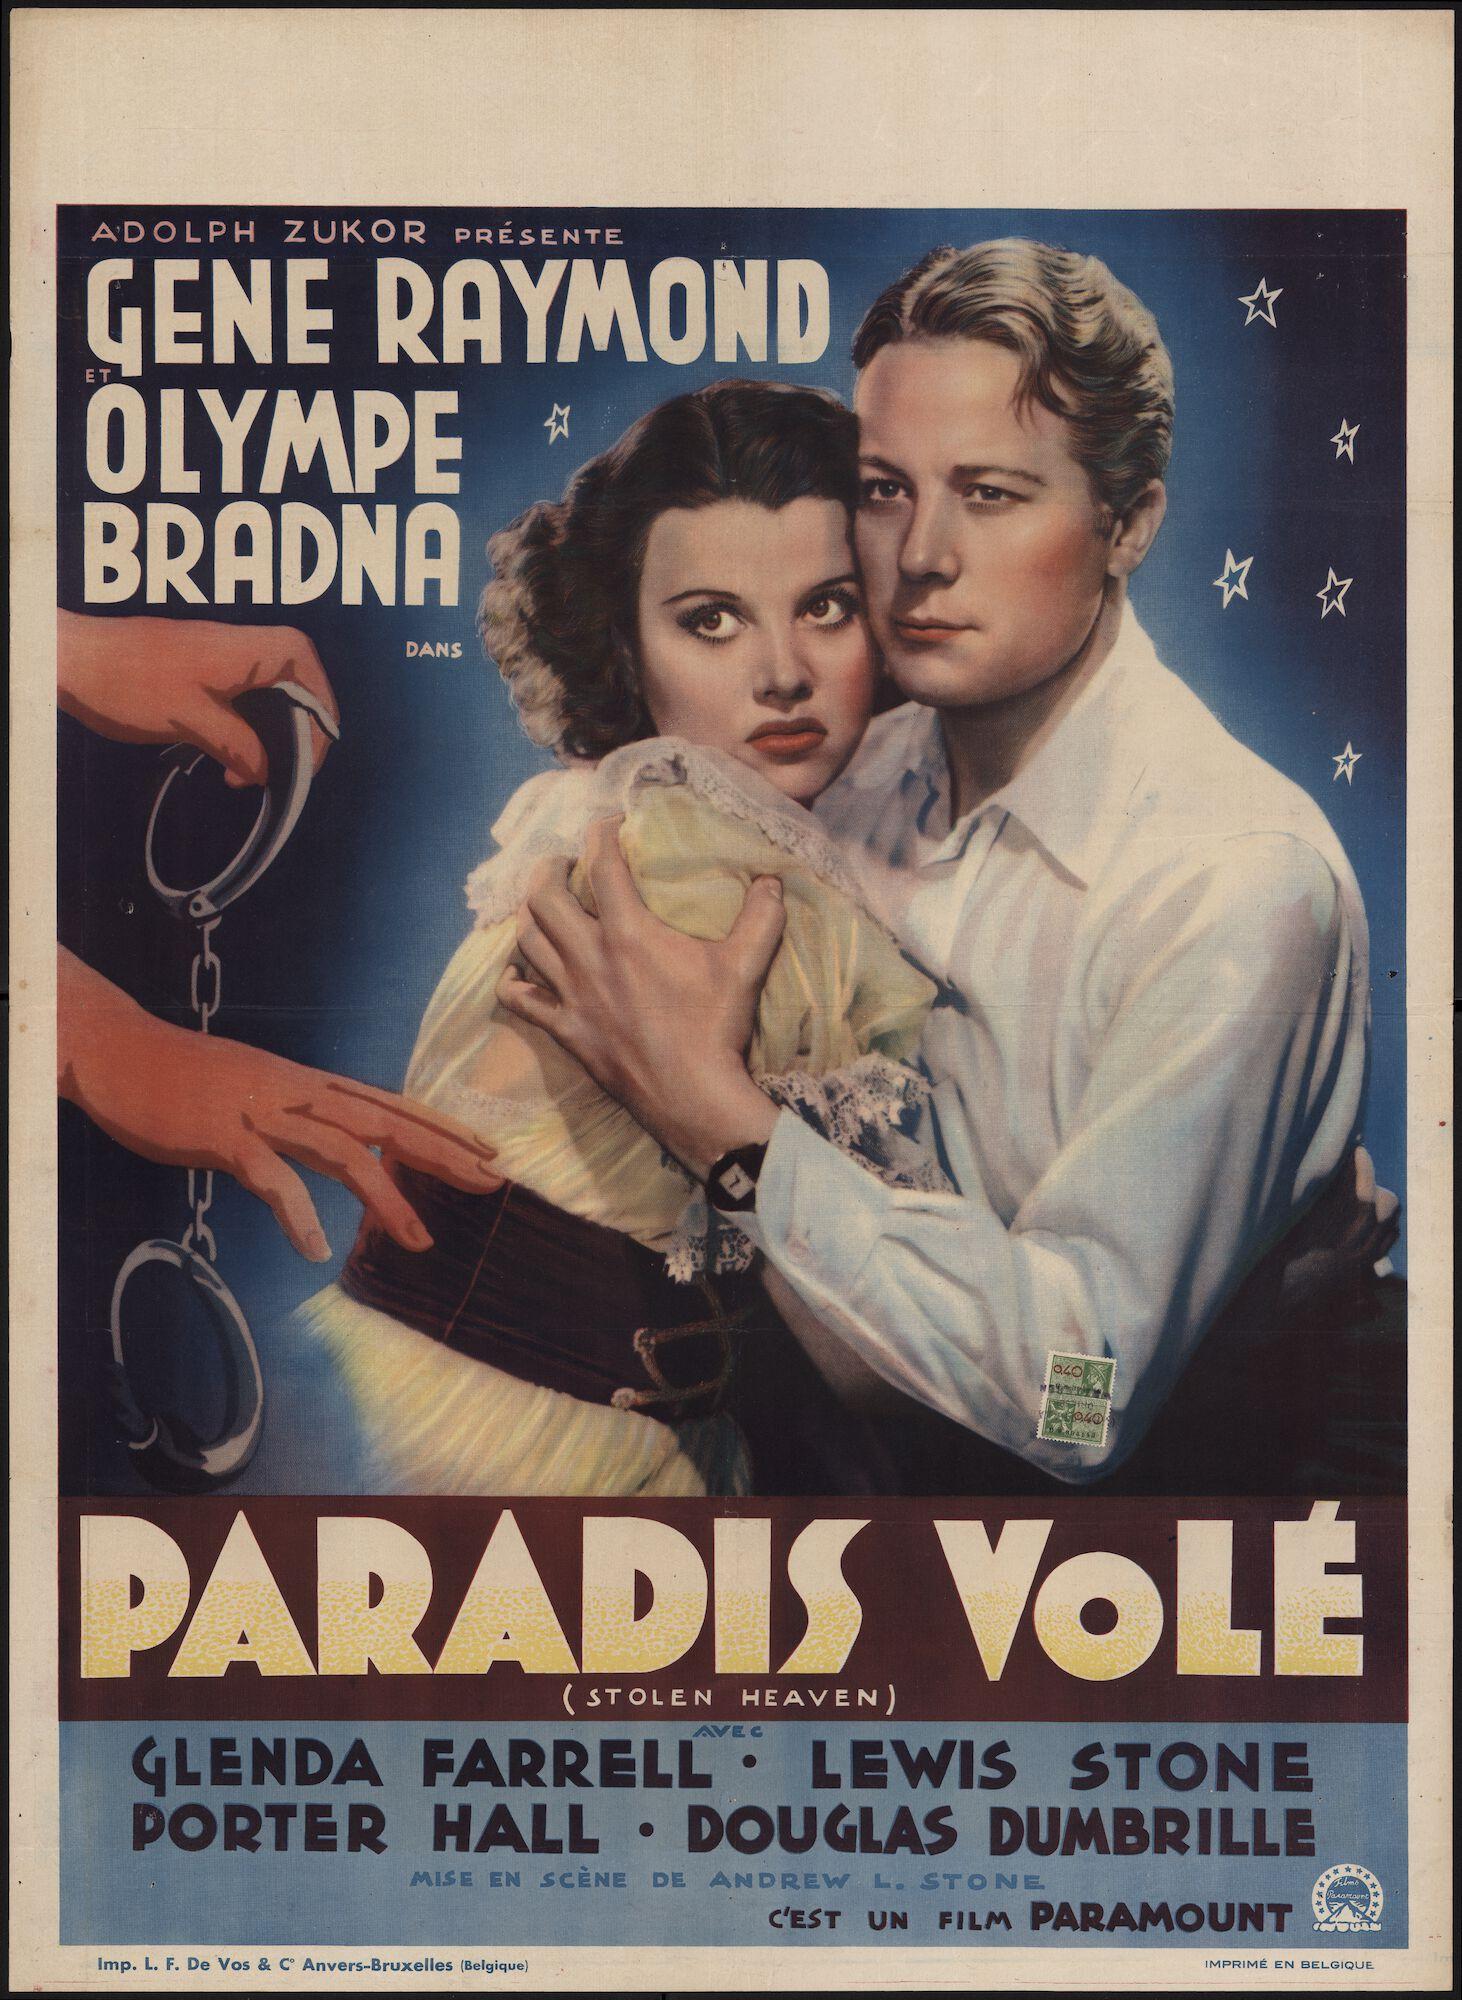 Stolen Heaven   Paradis volé, [Leopold III], Gent, mei 1940